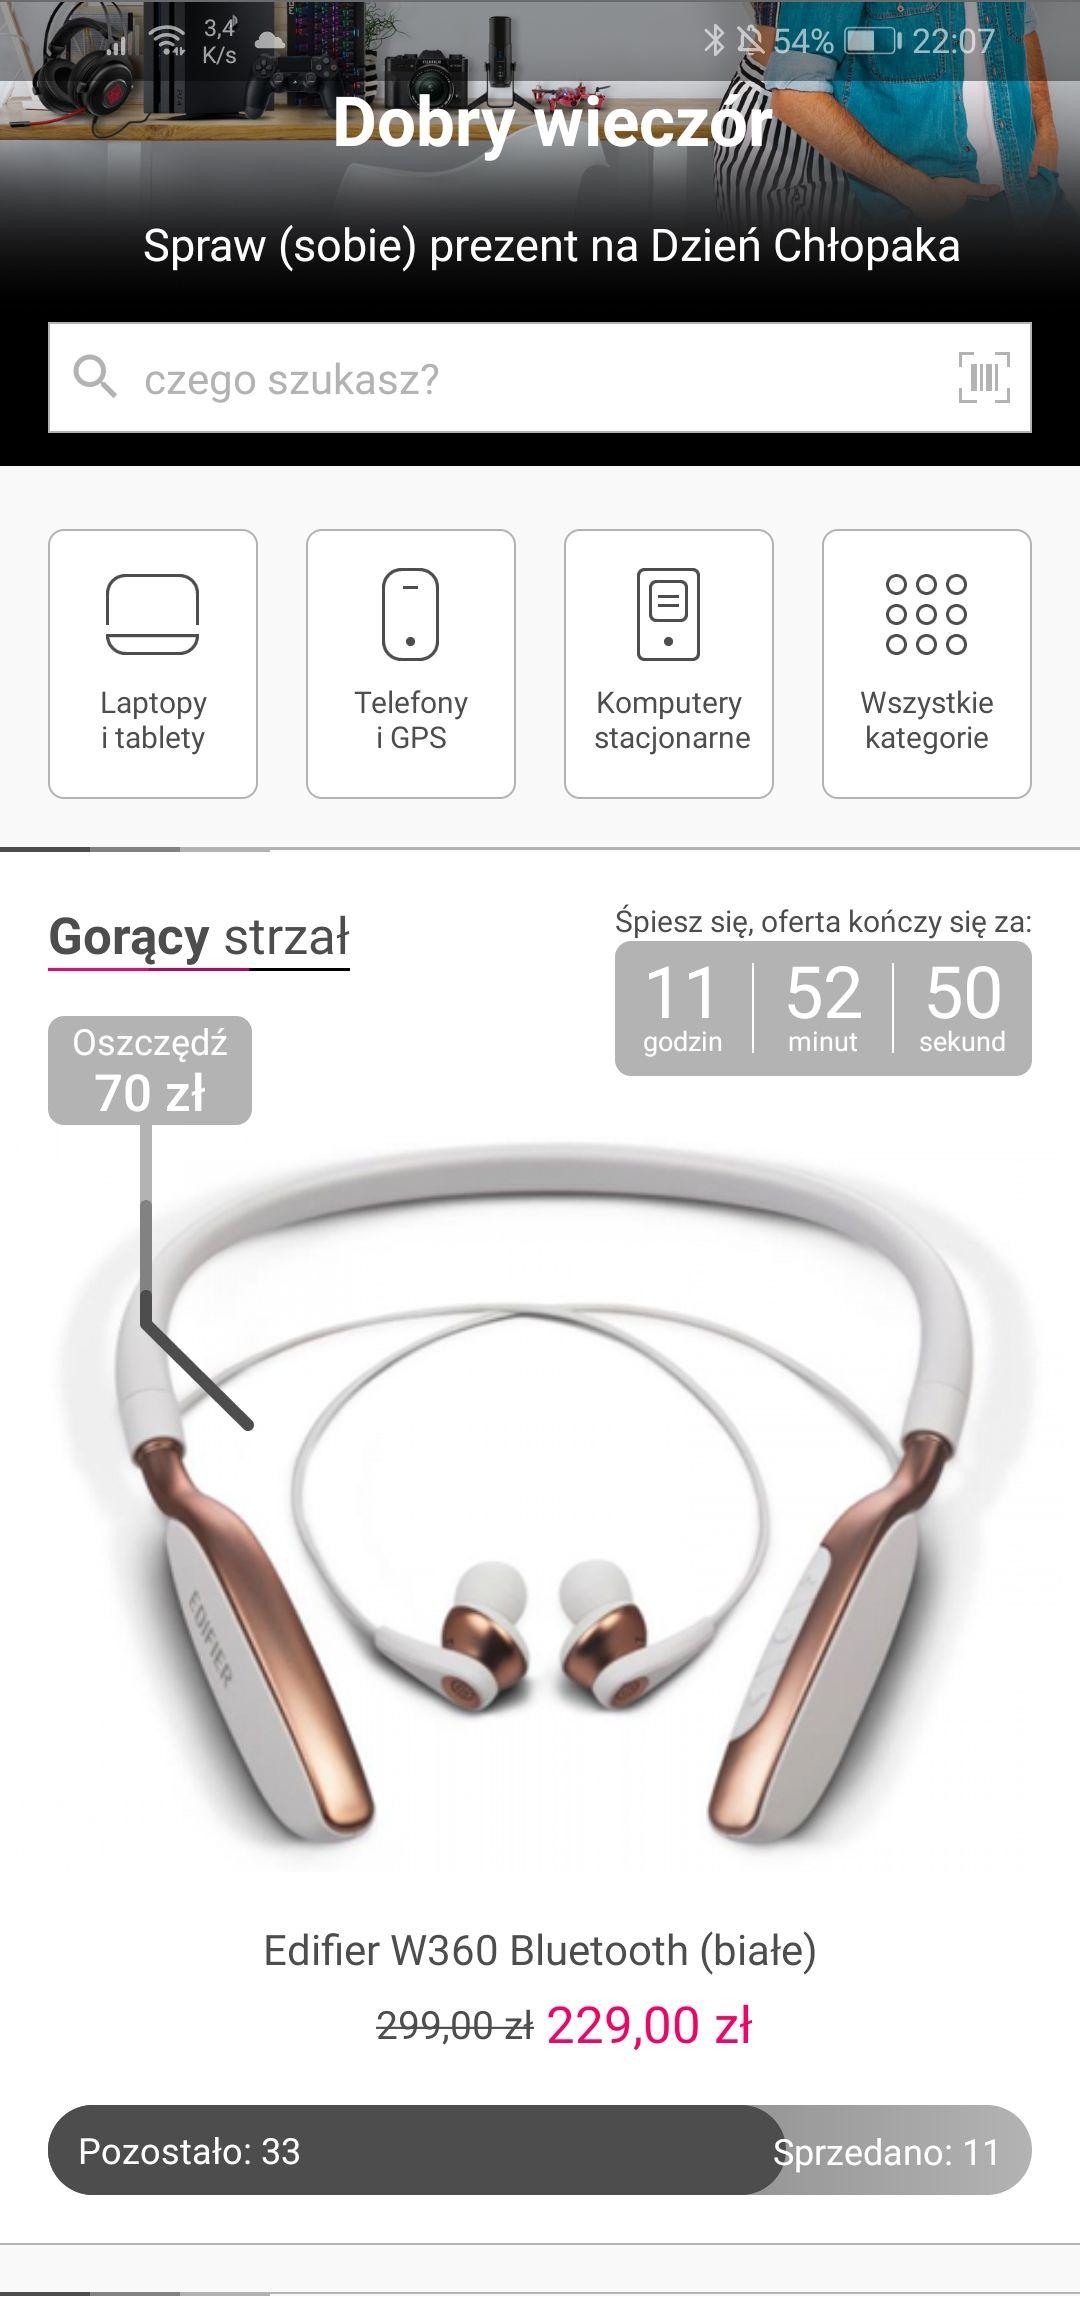 Edifier W360 Bluetooth (białe)